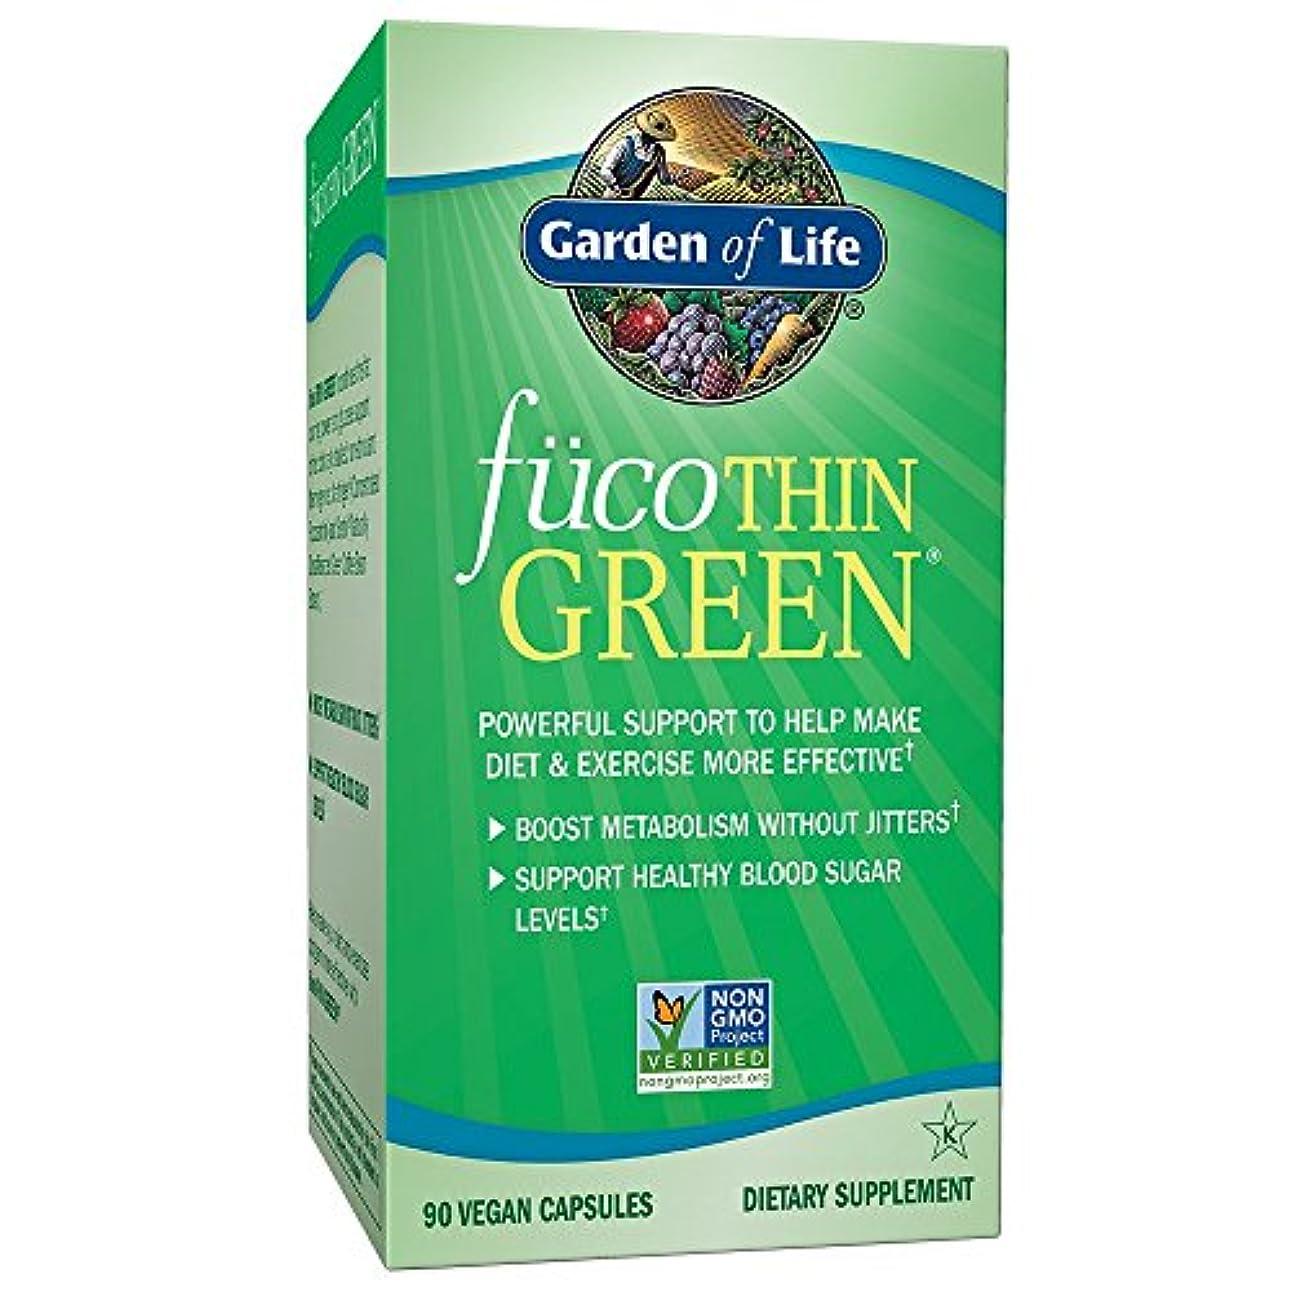 終了しました膨らませるまっすぐ海外直送品Garden of Life Fucothin Green, 90 Caps